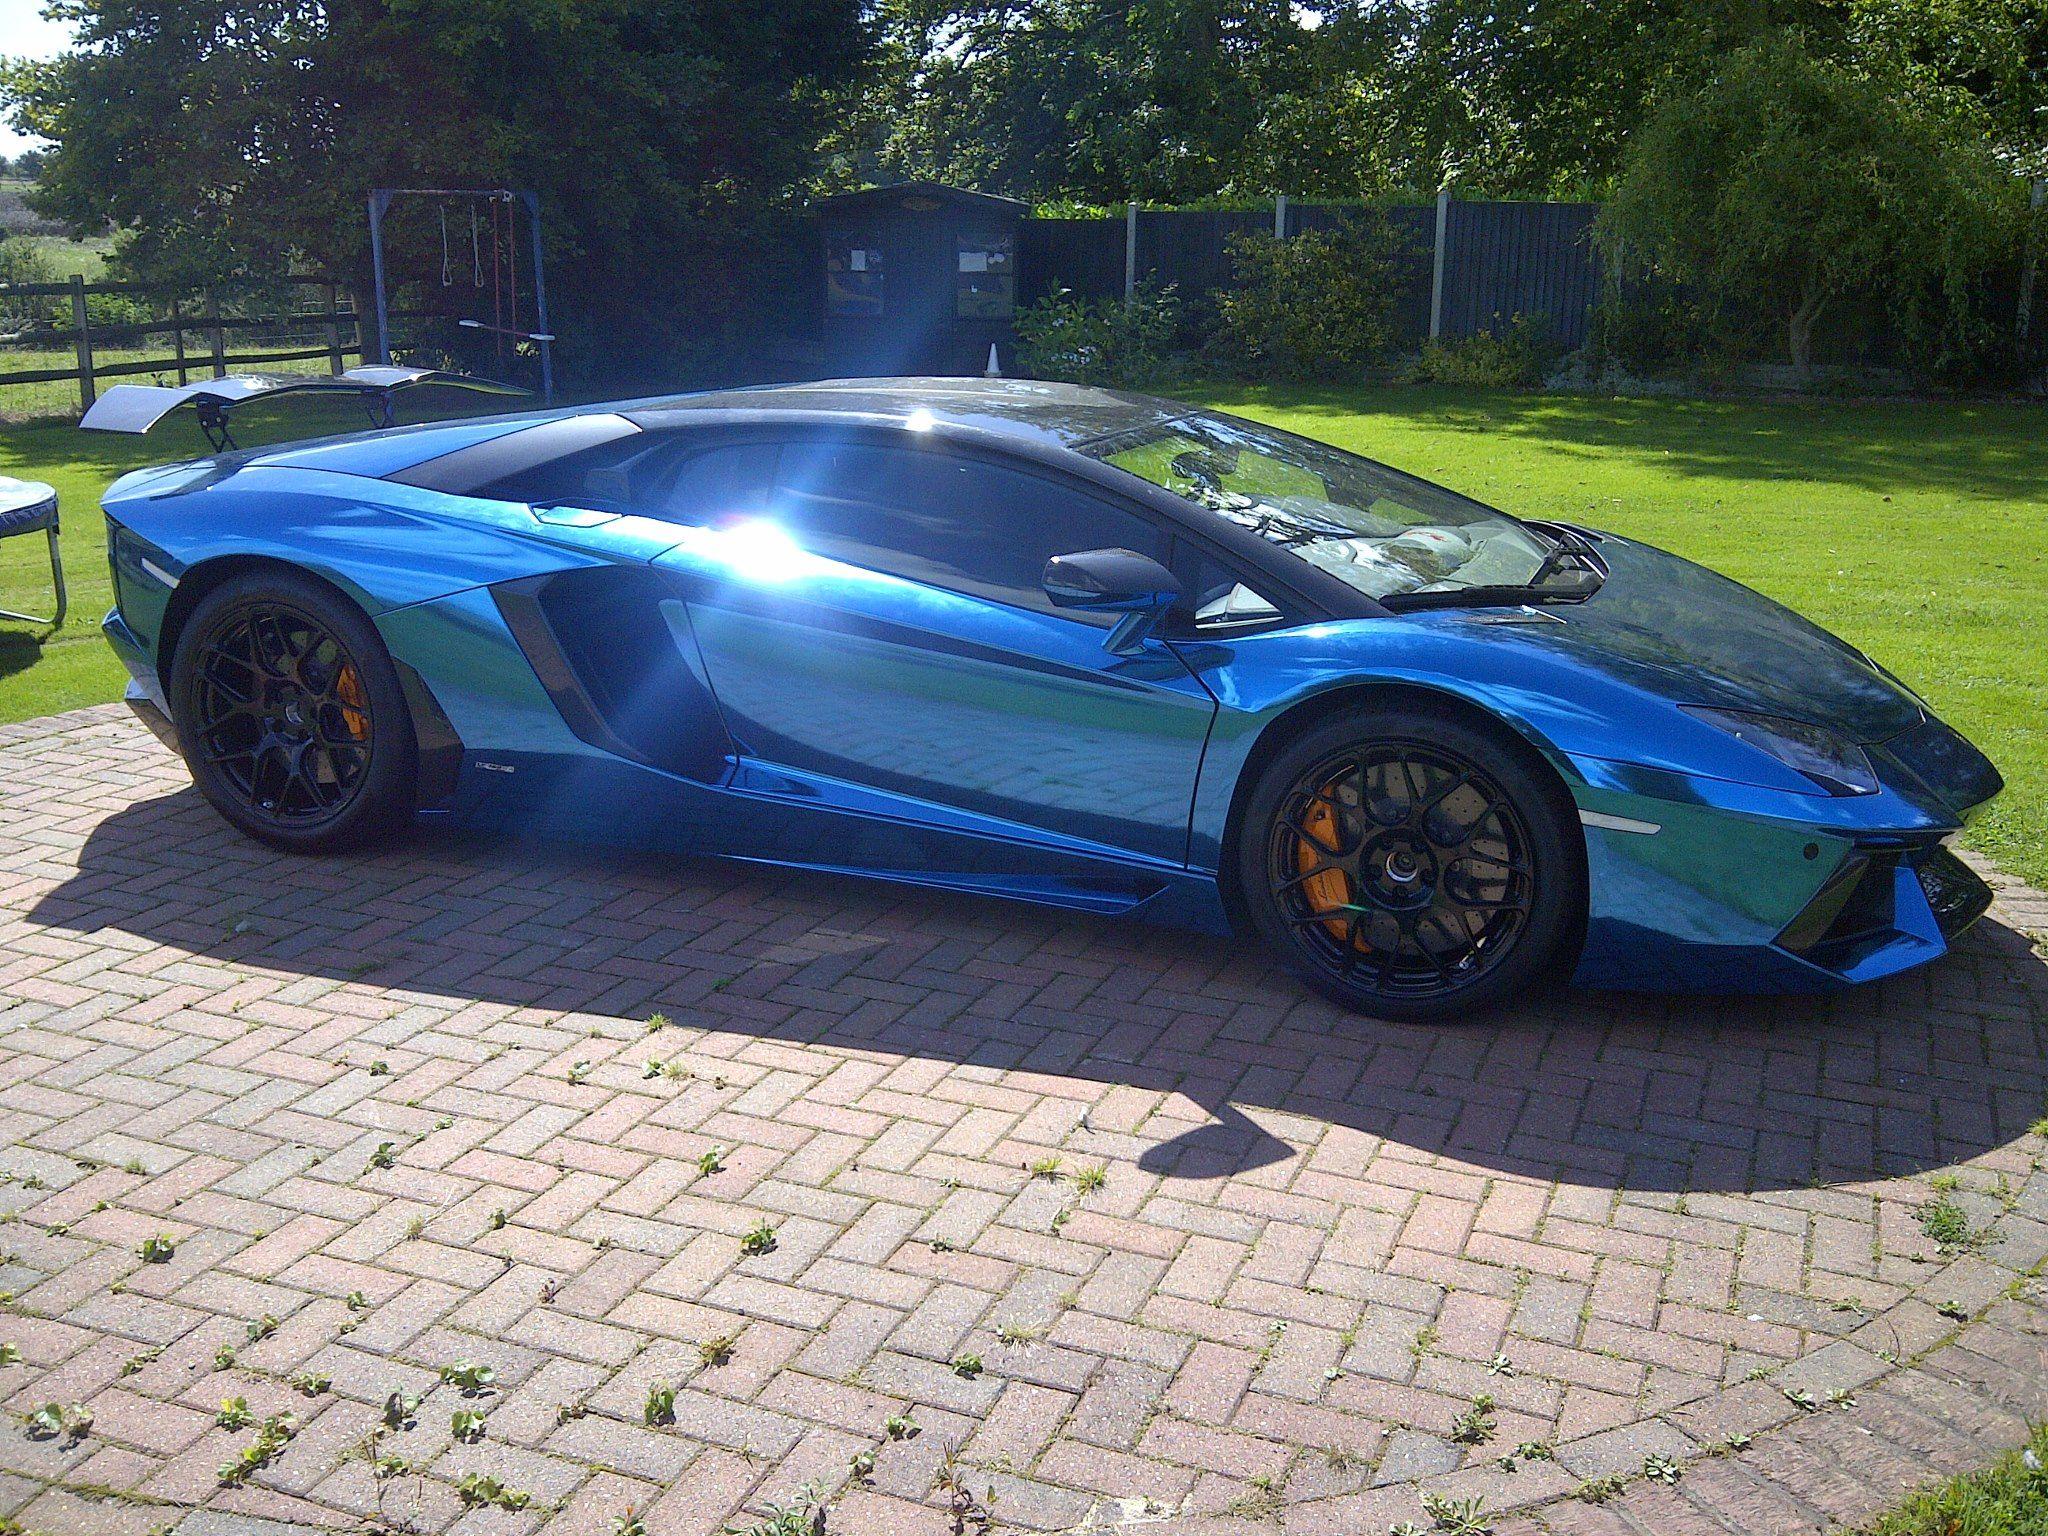 lamborghini aventador blue and lamborghini on pinterest - Lamborghini Aventador Blue Chrome